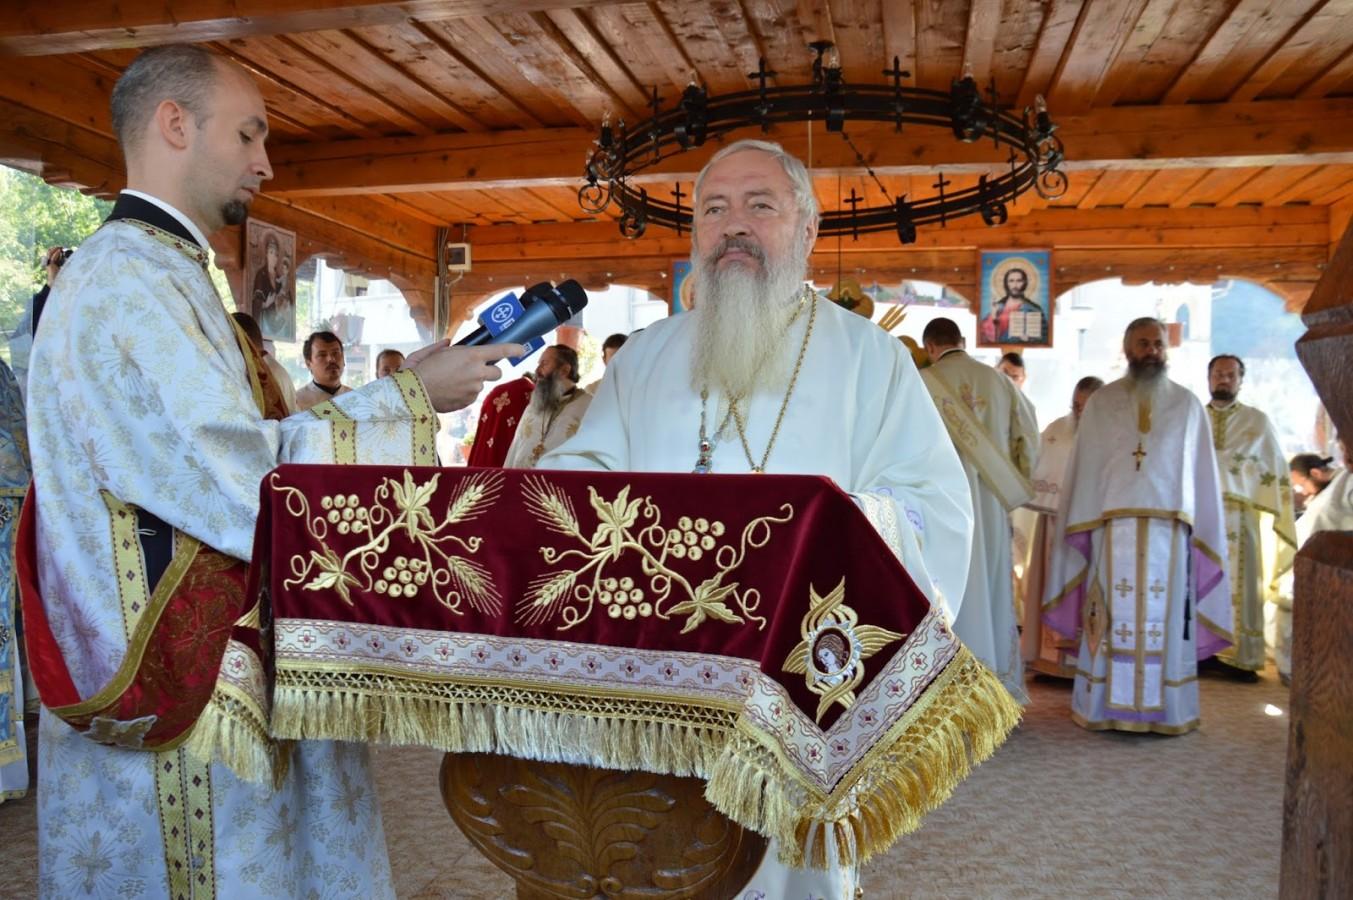 """ÎPS Andrei: """"Din coasta lui Hristos izvorăsc Tainele dătătoare de viață veșnică"""""""